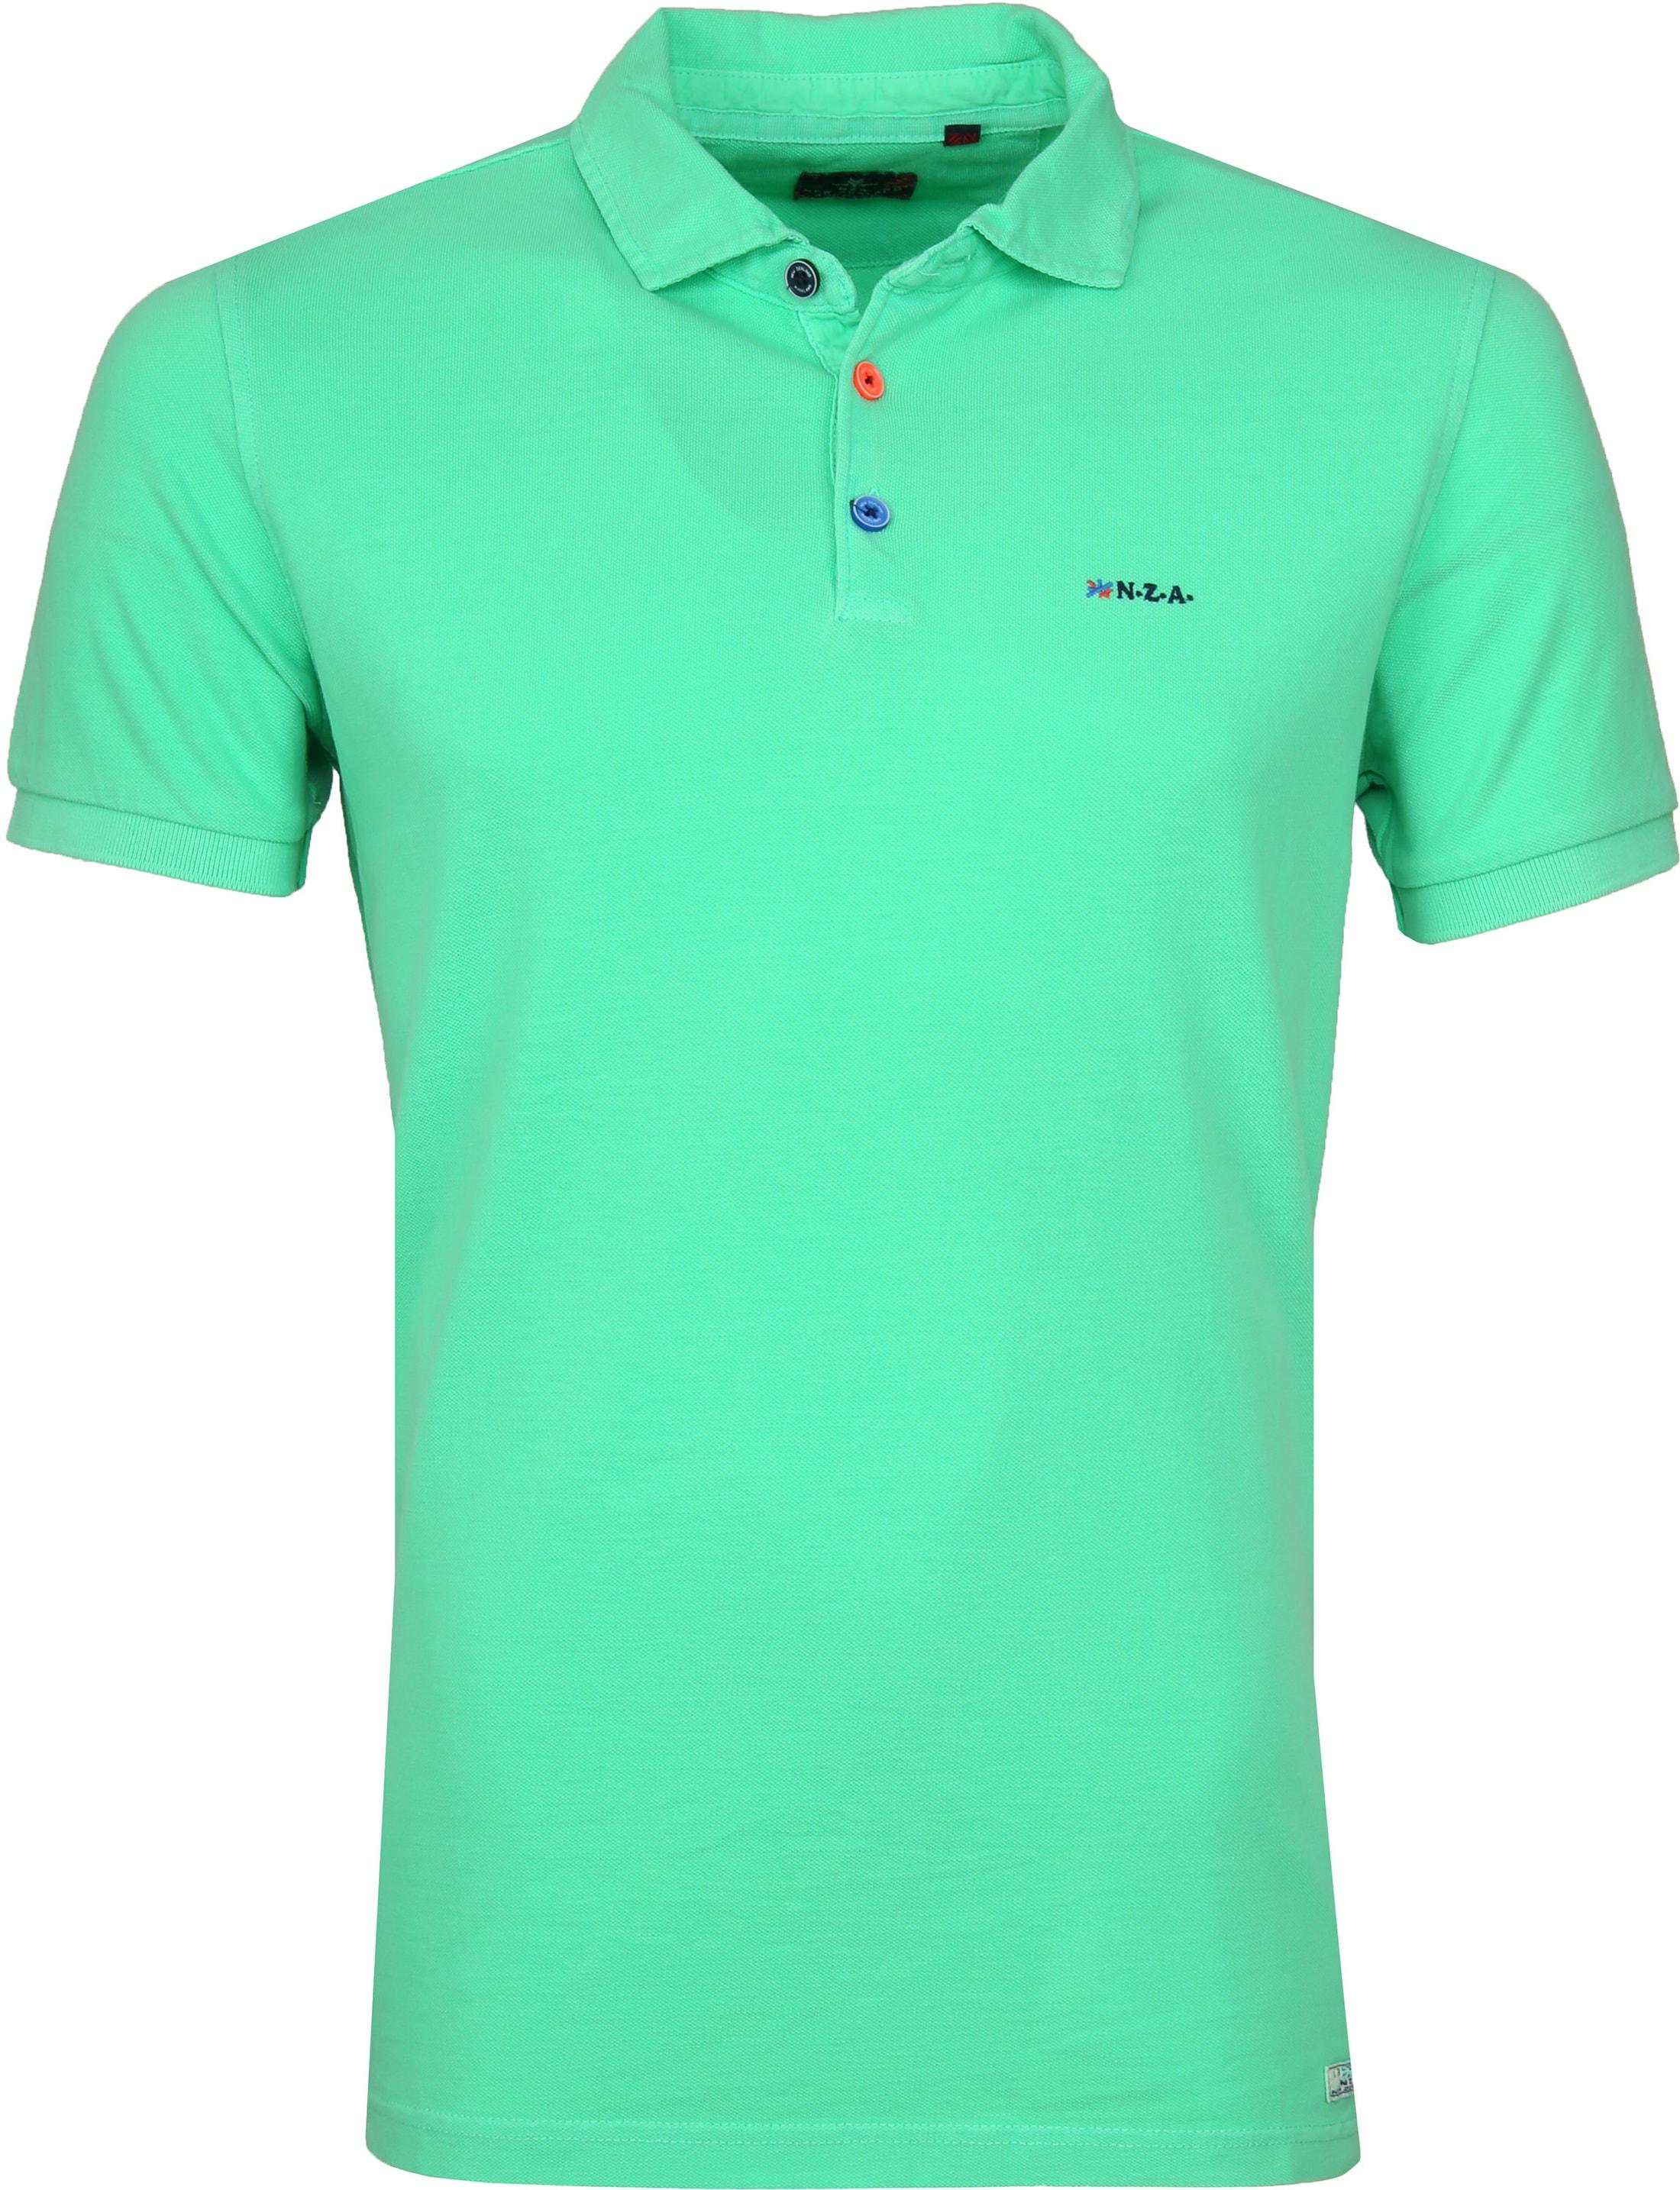 NZA Poloshirt Waiapu Neon Green foto 0